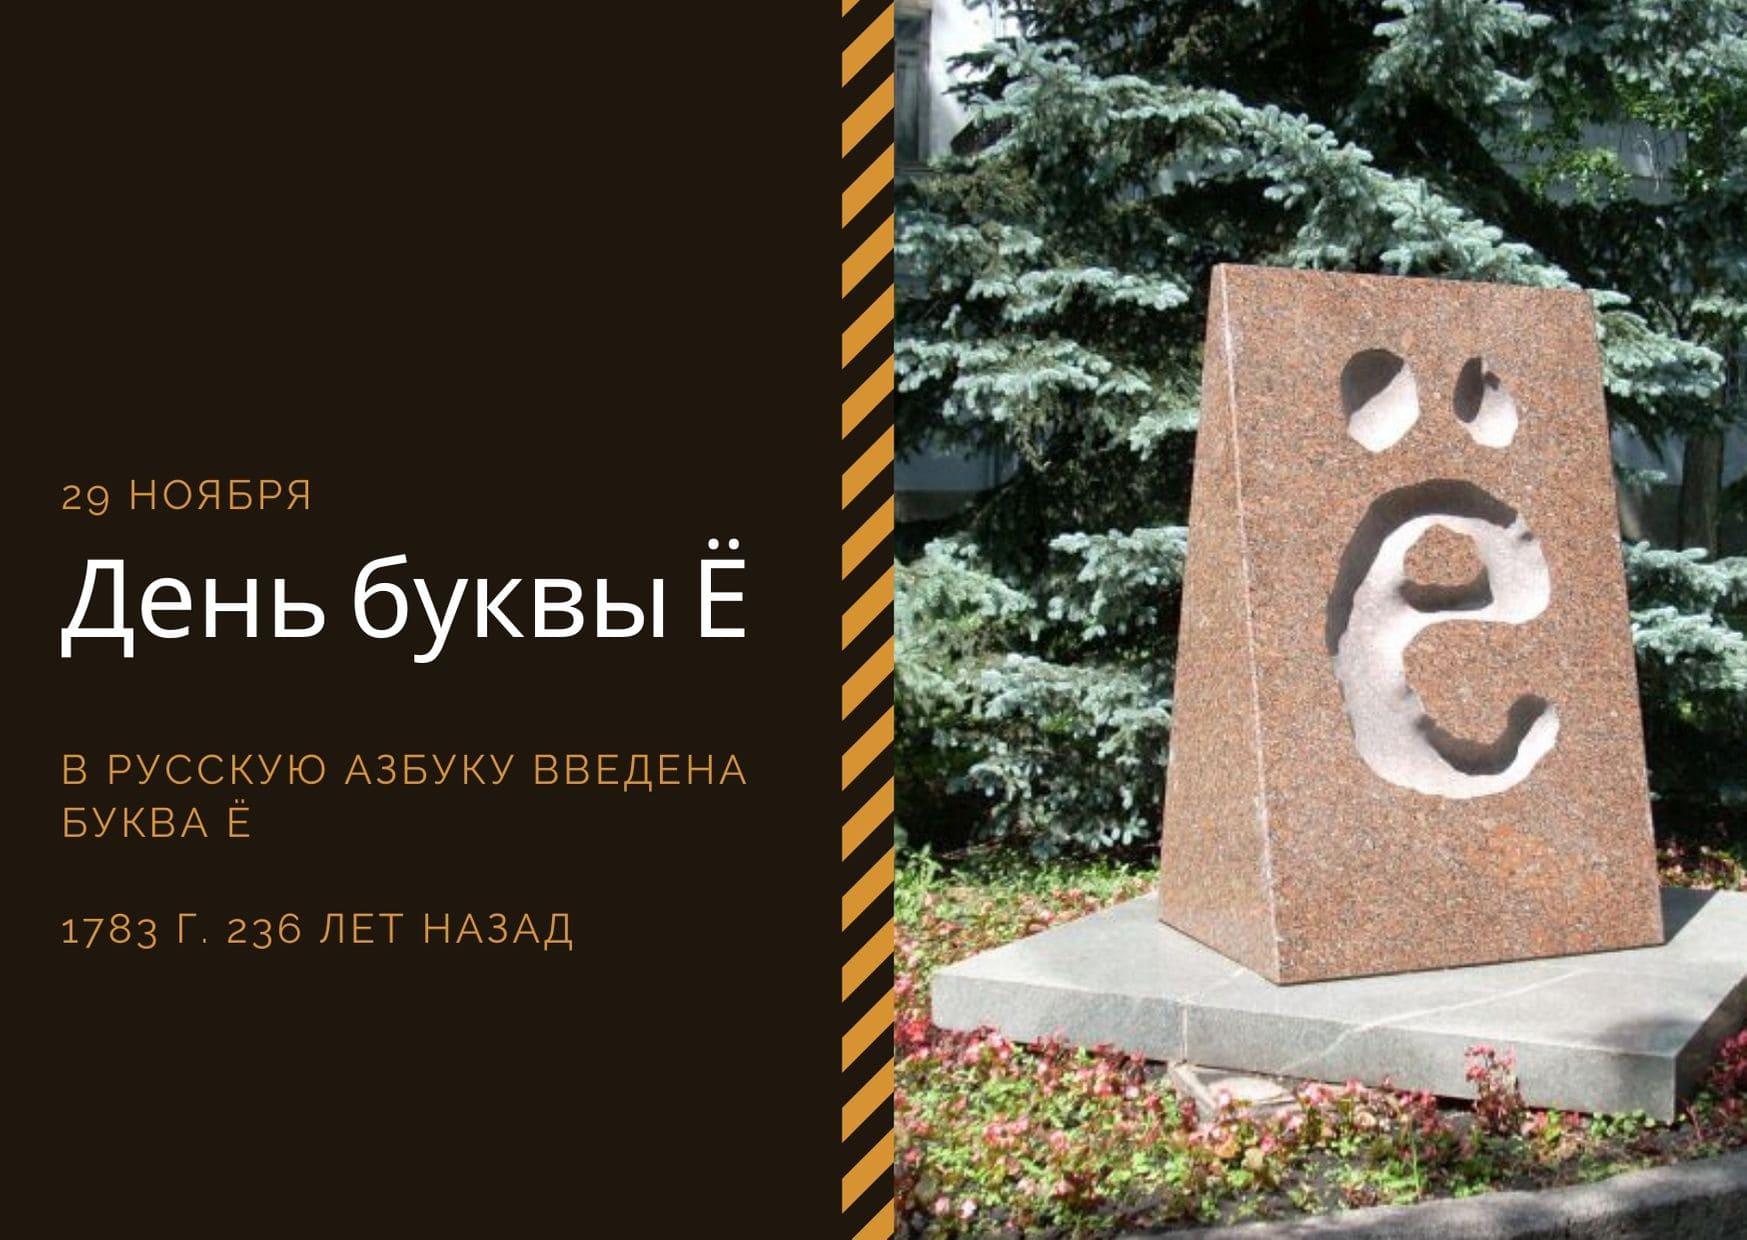 День буквы Ё. 29 ноября